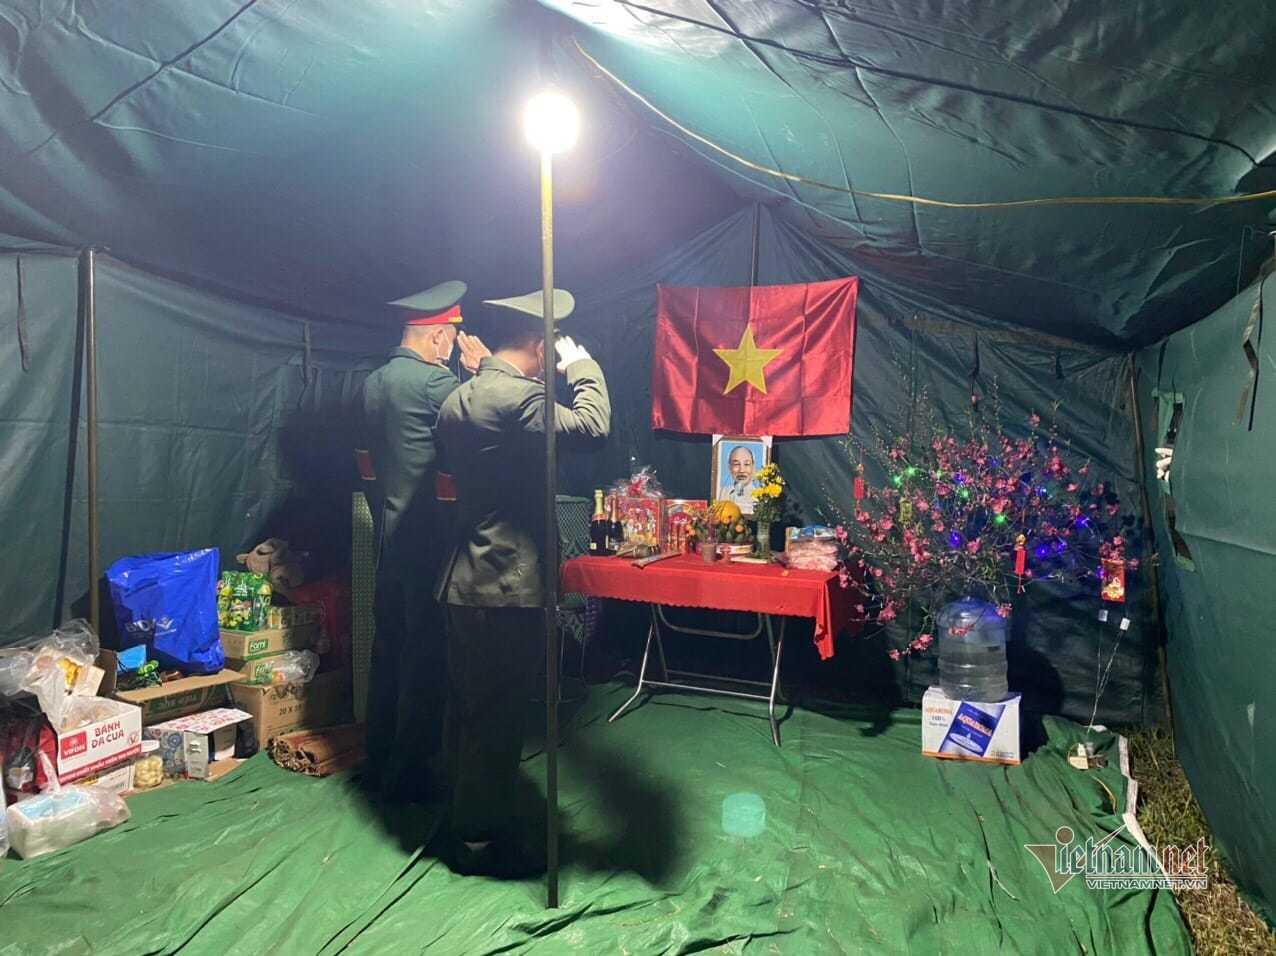 Lễ chào cờ đặc biệt mừng năm mới bên chốt trực ở tâm dịch Hải Dương